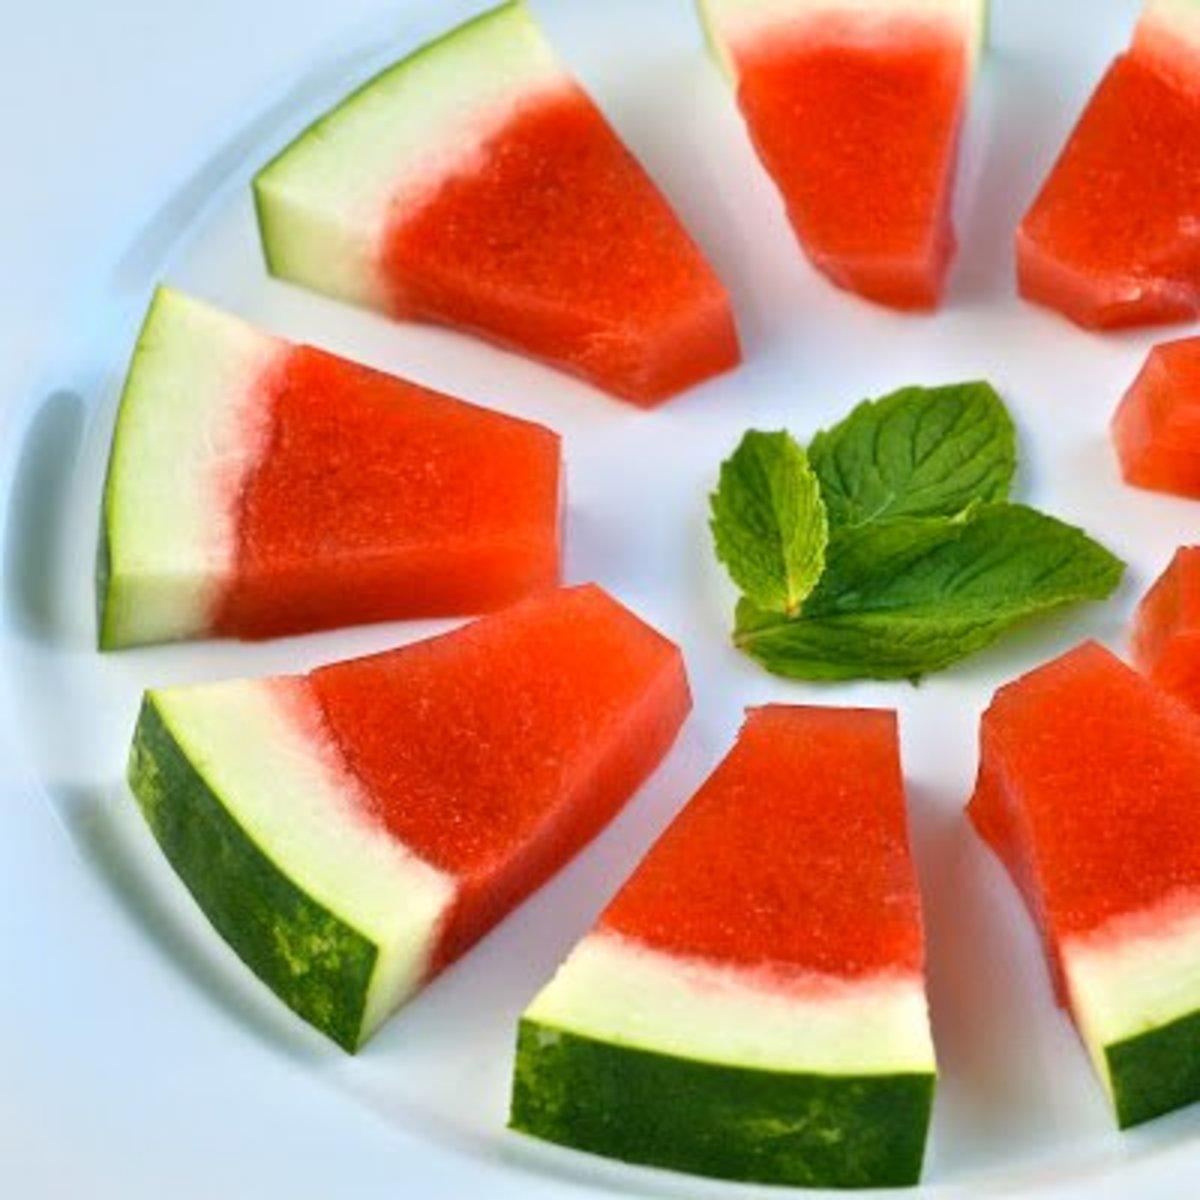 Watermelon Jello shots, served in the original watermelon rind.